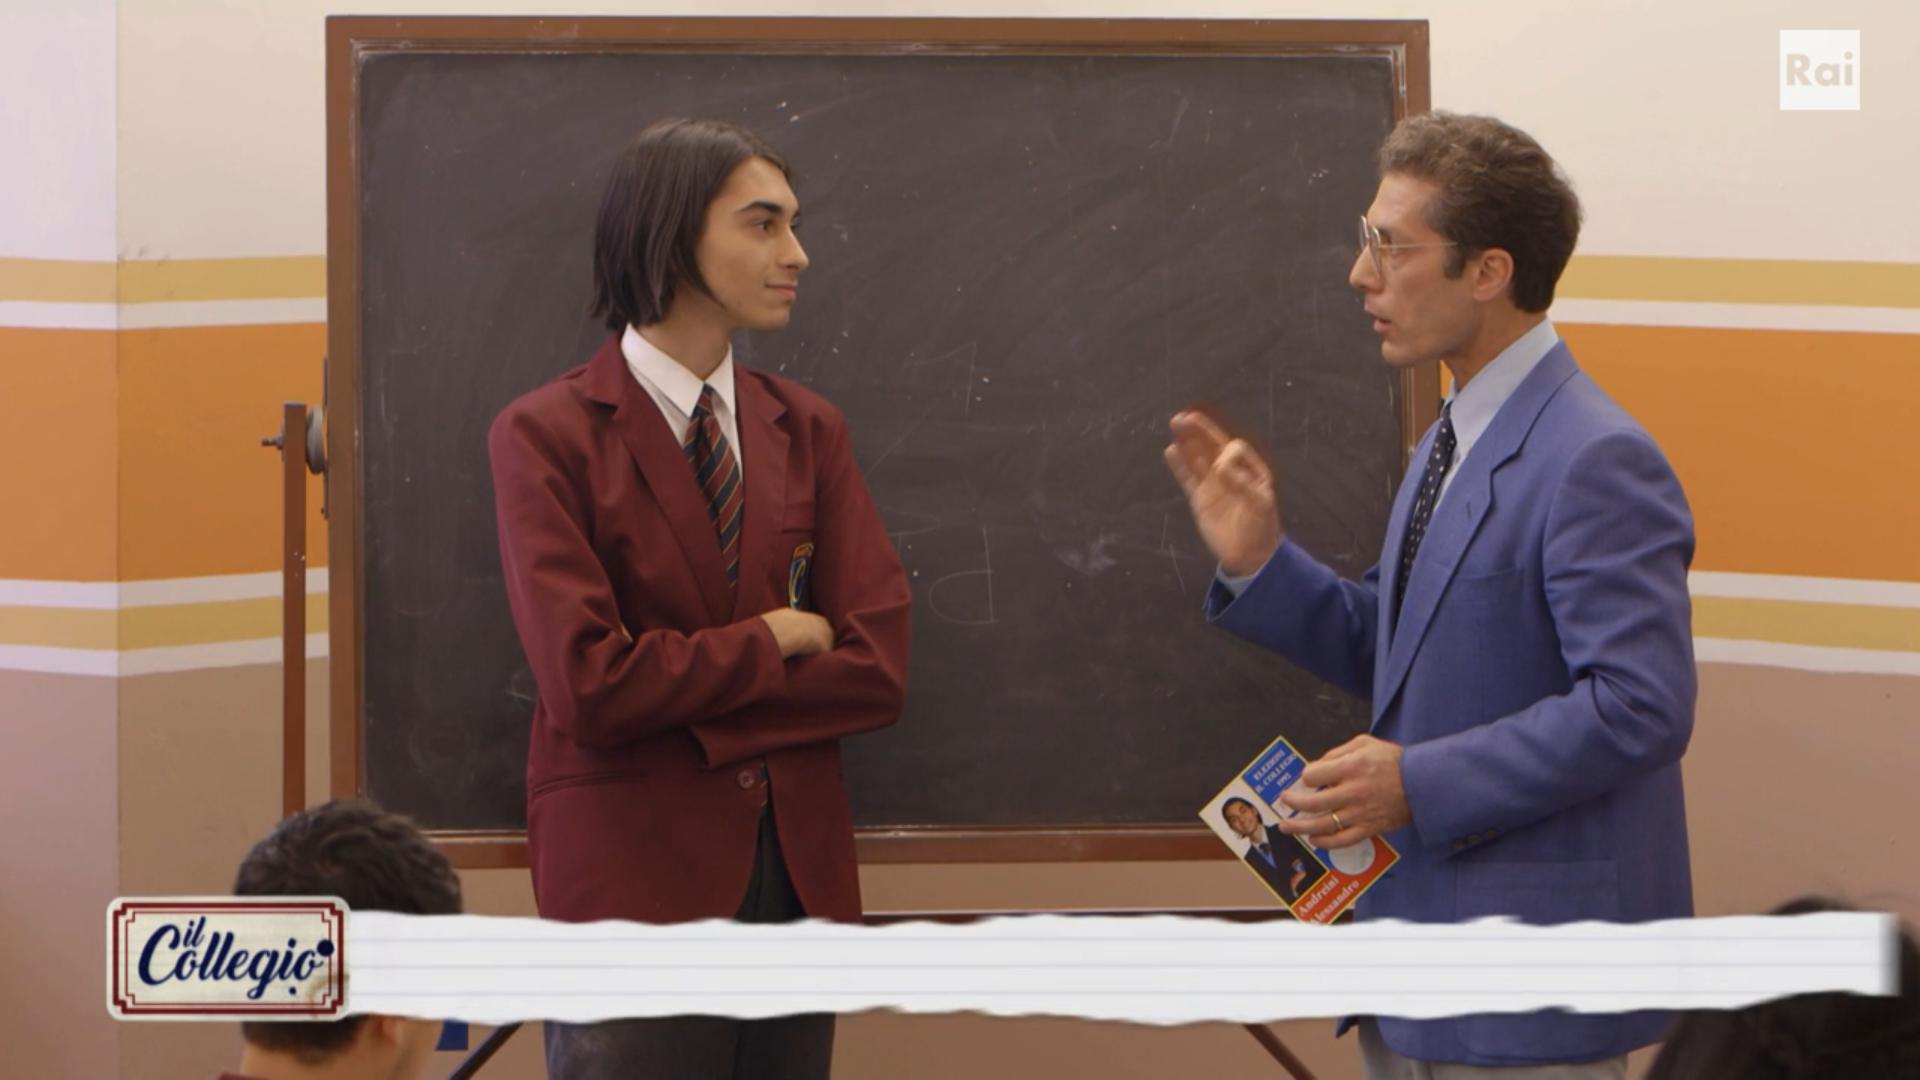 Il Collegio, Andreini dà del 'pervertito' a un prof e viene espulso. E non è stato l'unico a essere cacciato